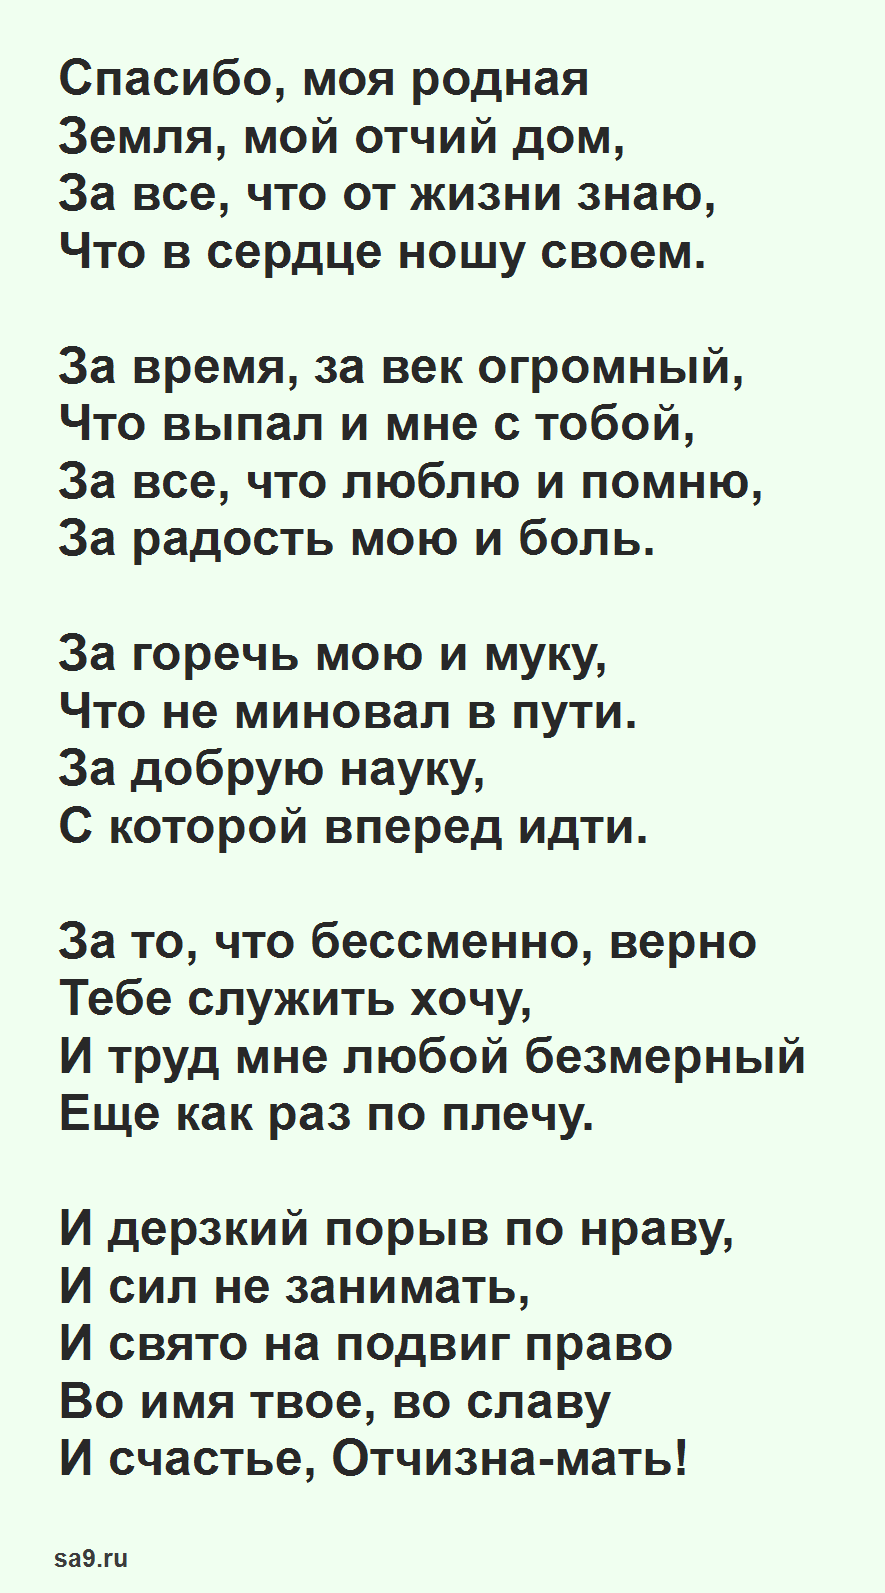 Твардовский стихи о любви - Спасибо, моя родная